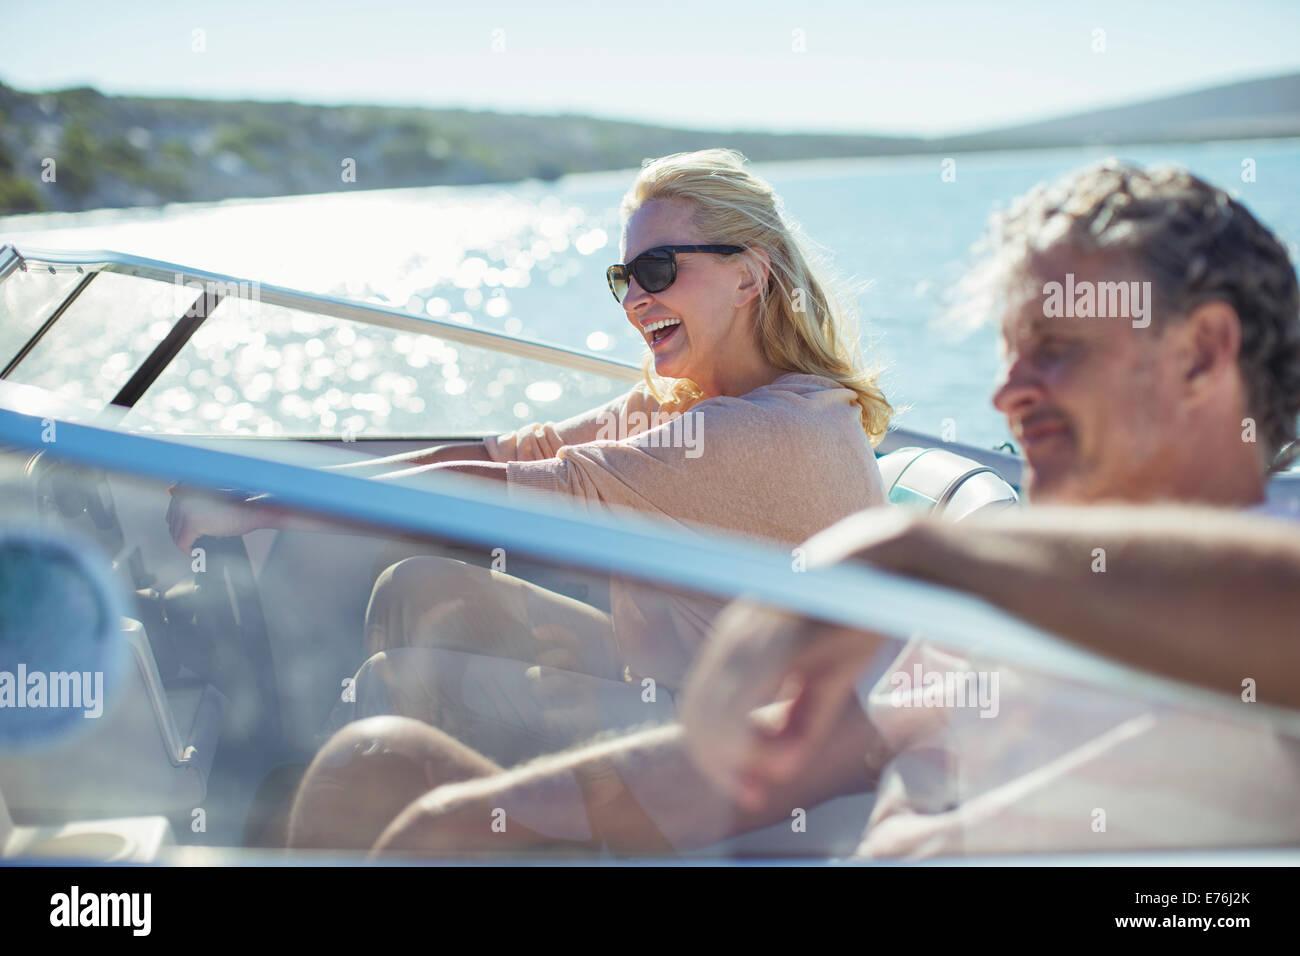 Accoppiare la guida la barca in acqua Immagini Stock